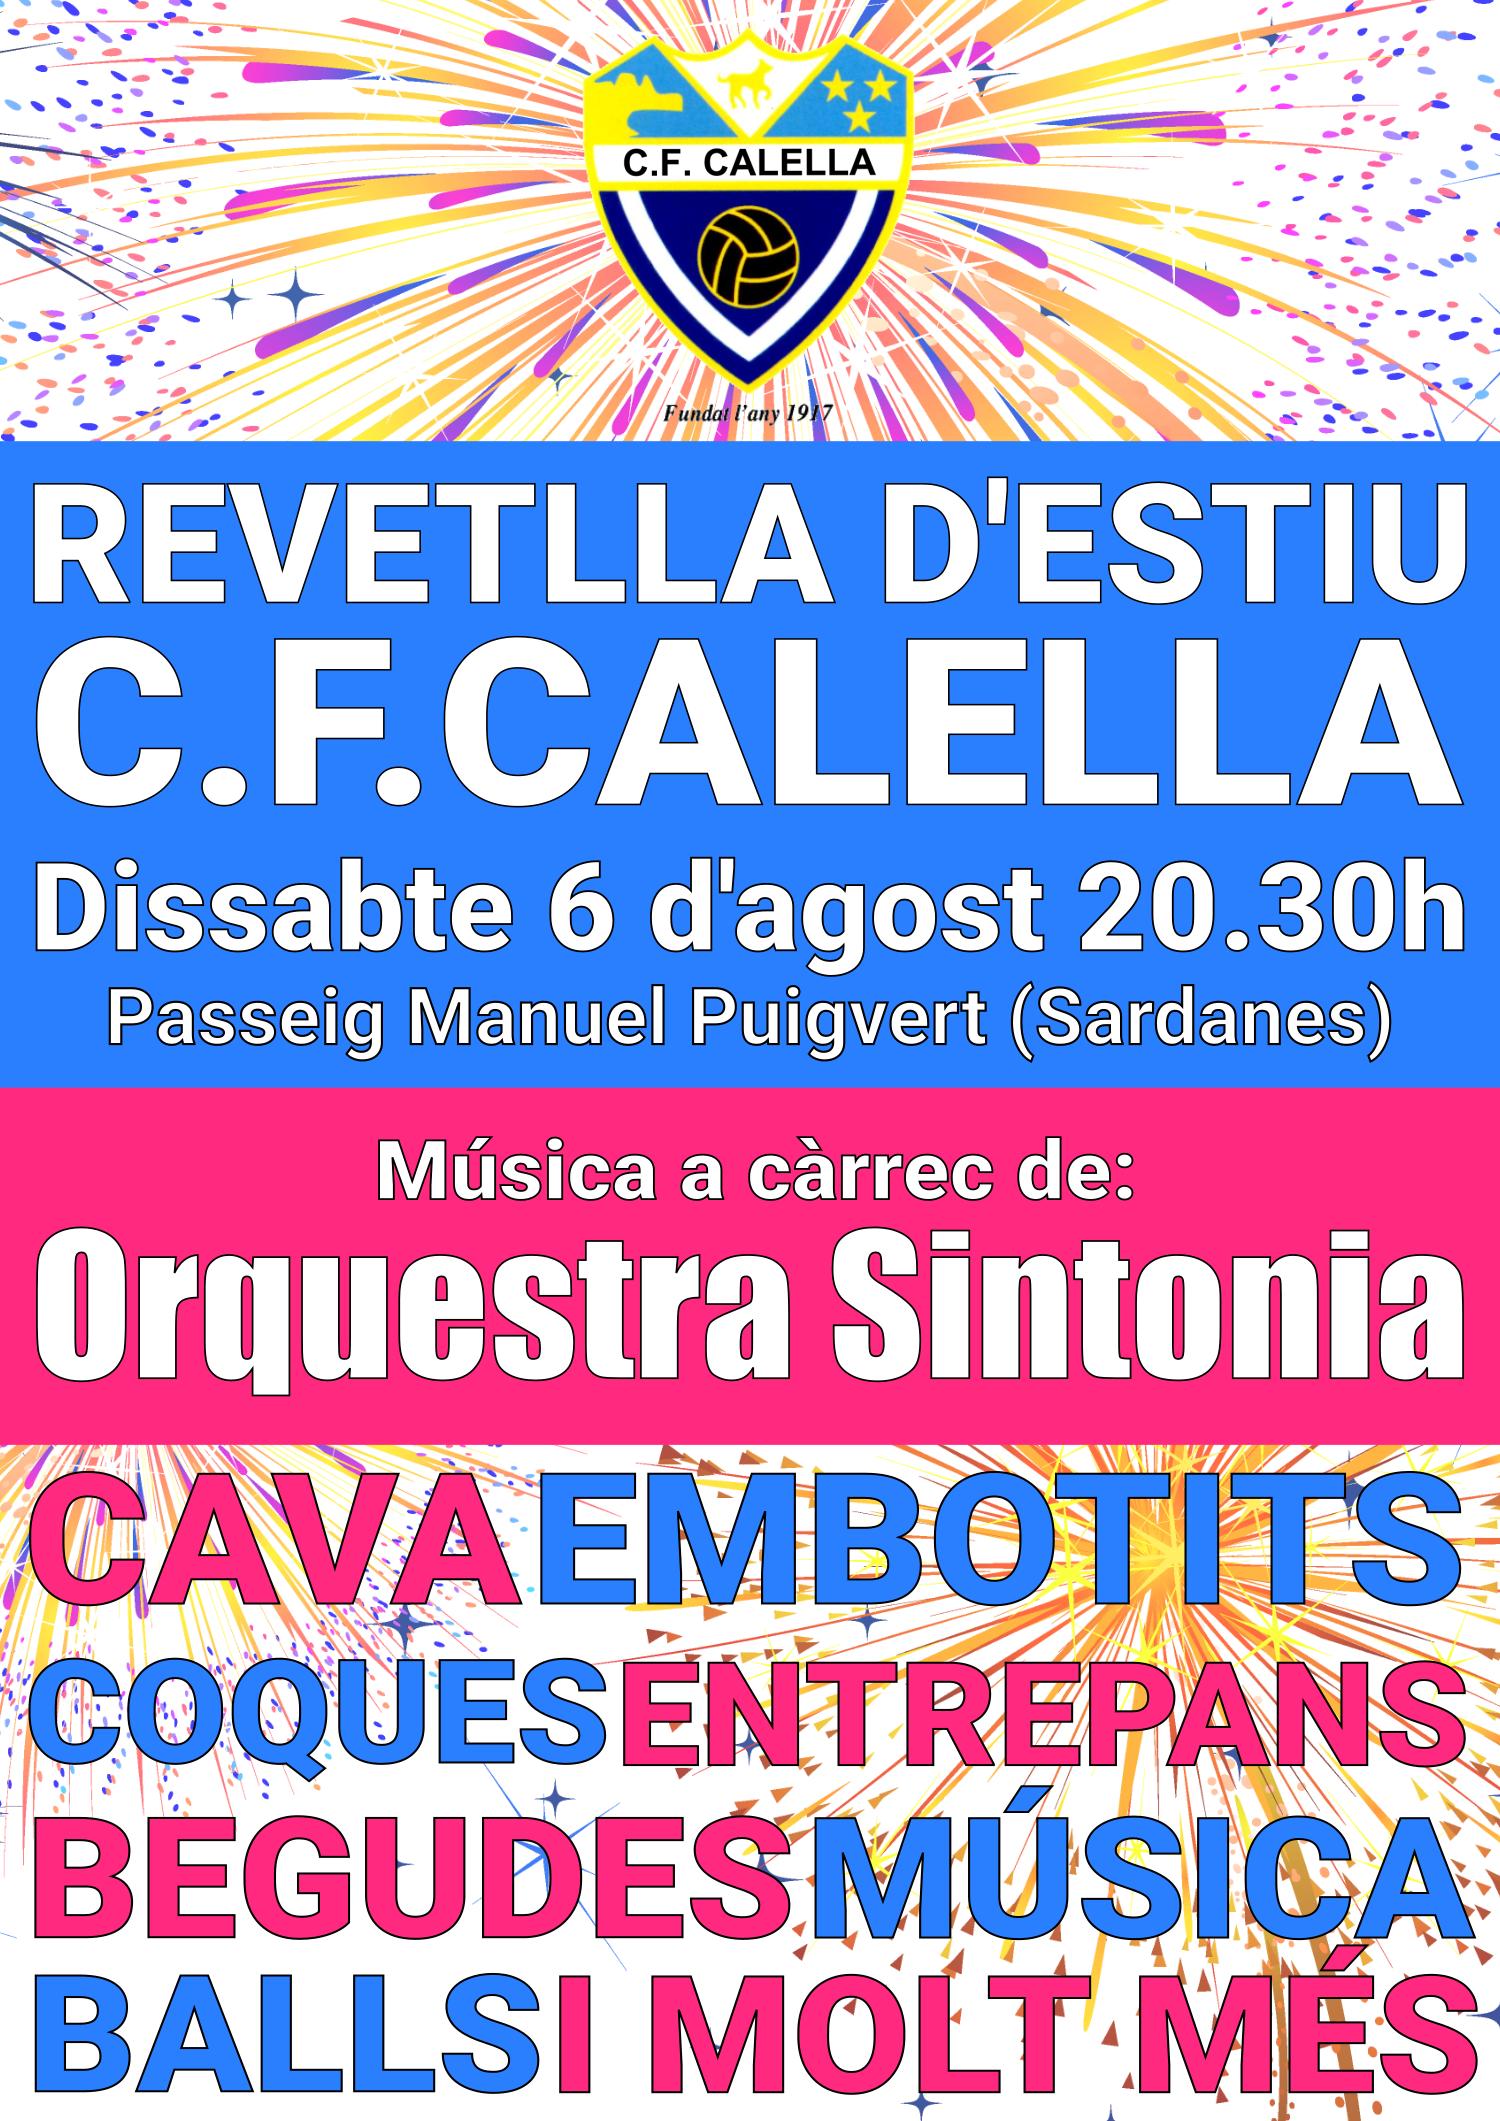 Revetlla d'estiu del C.F.Calella